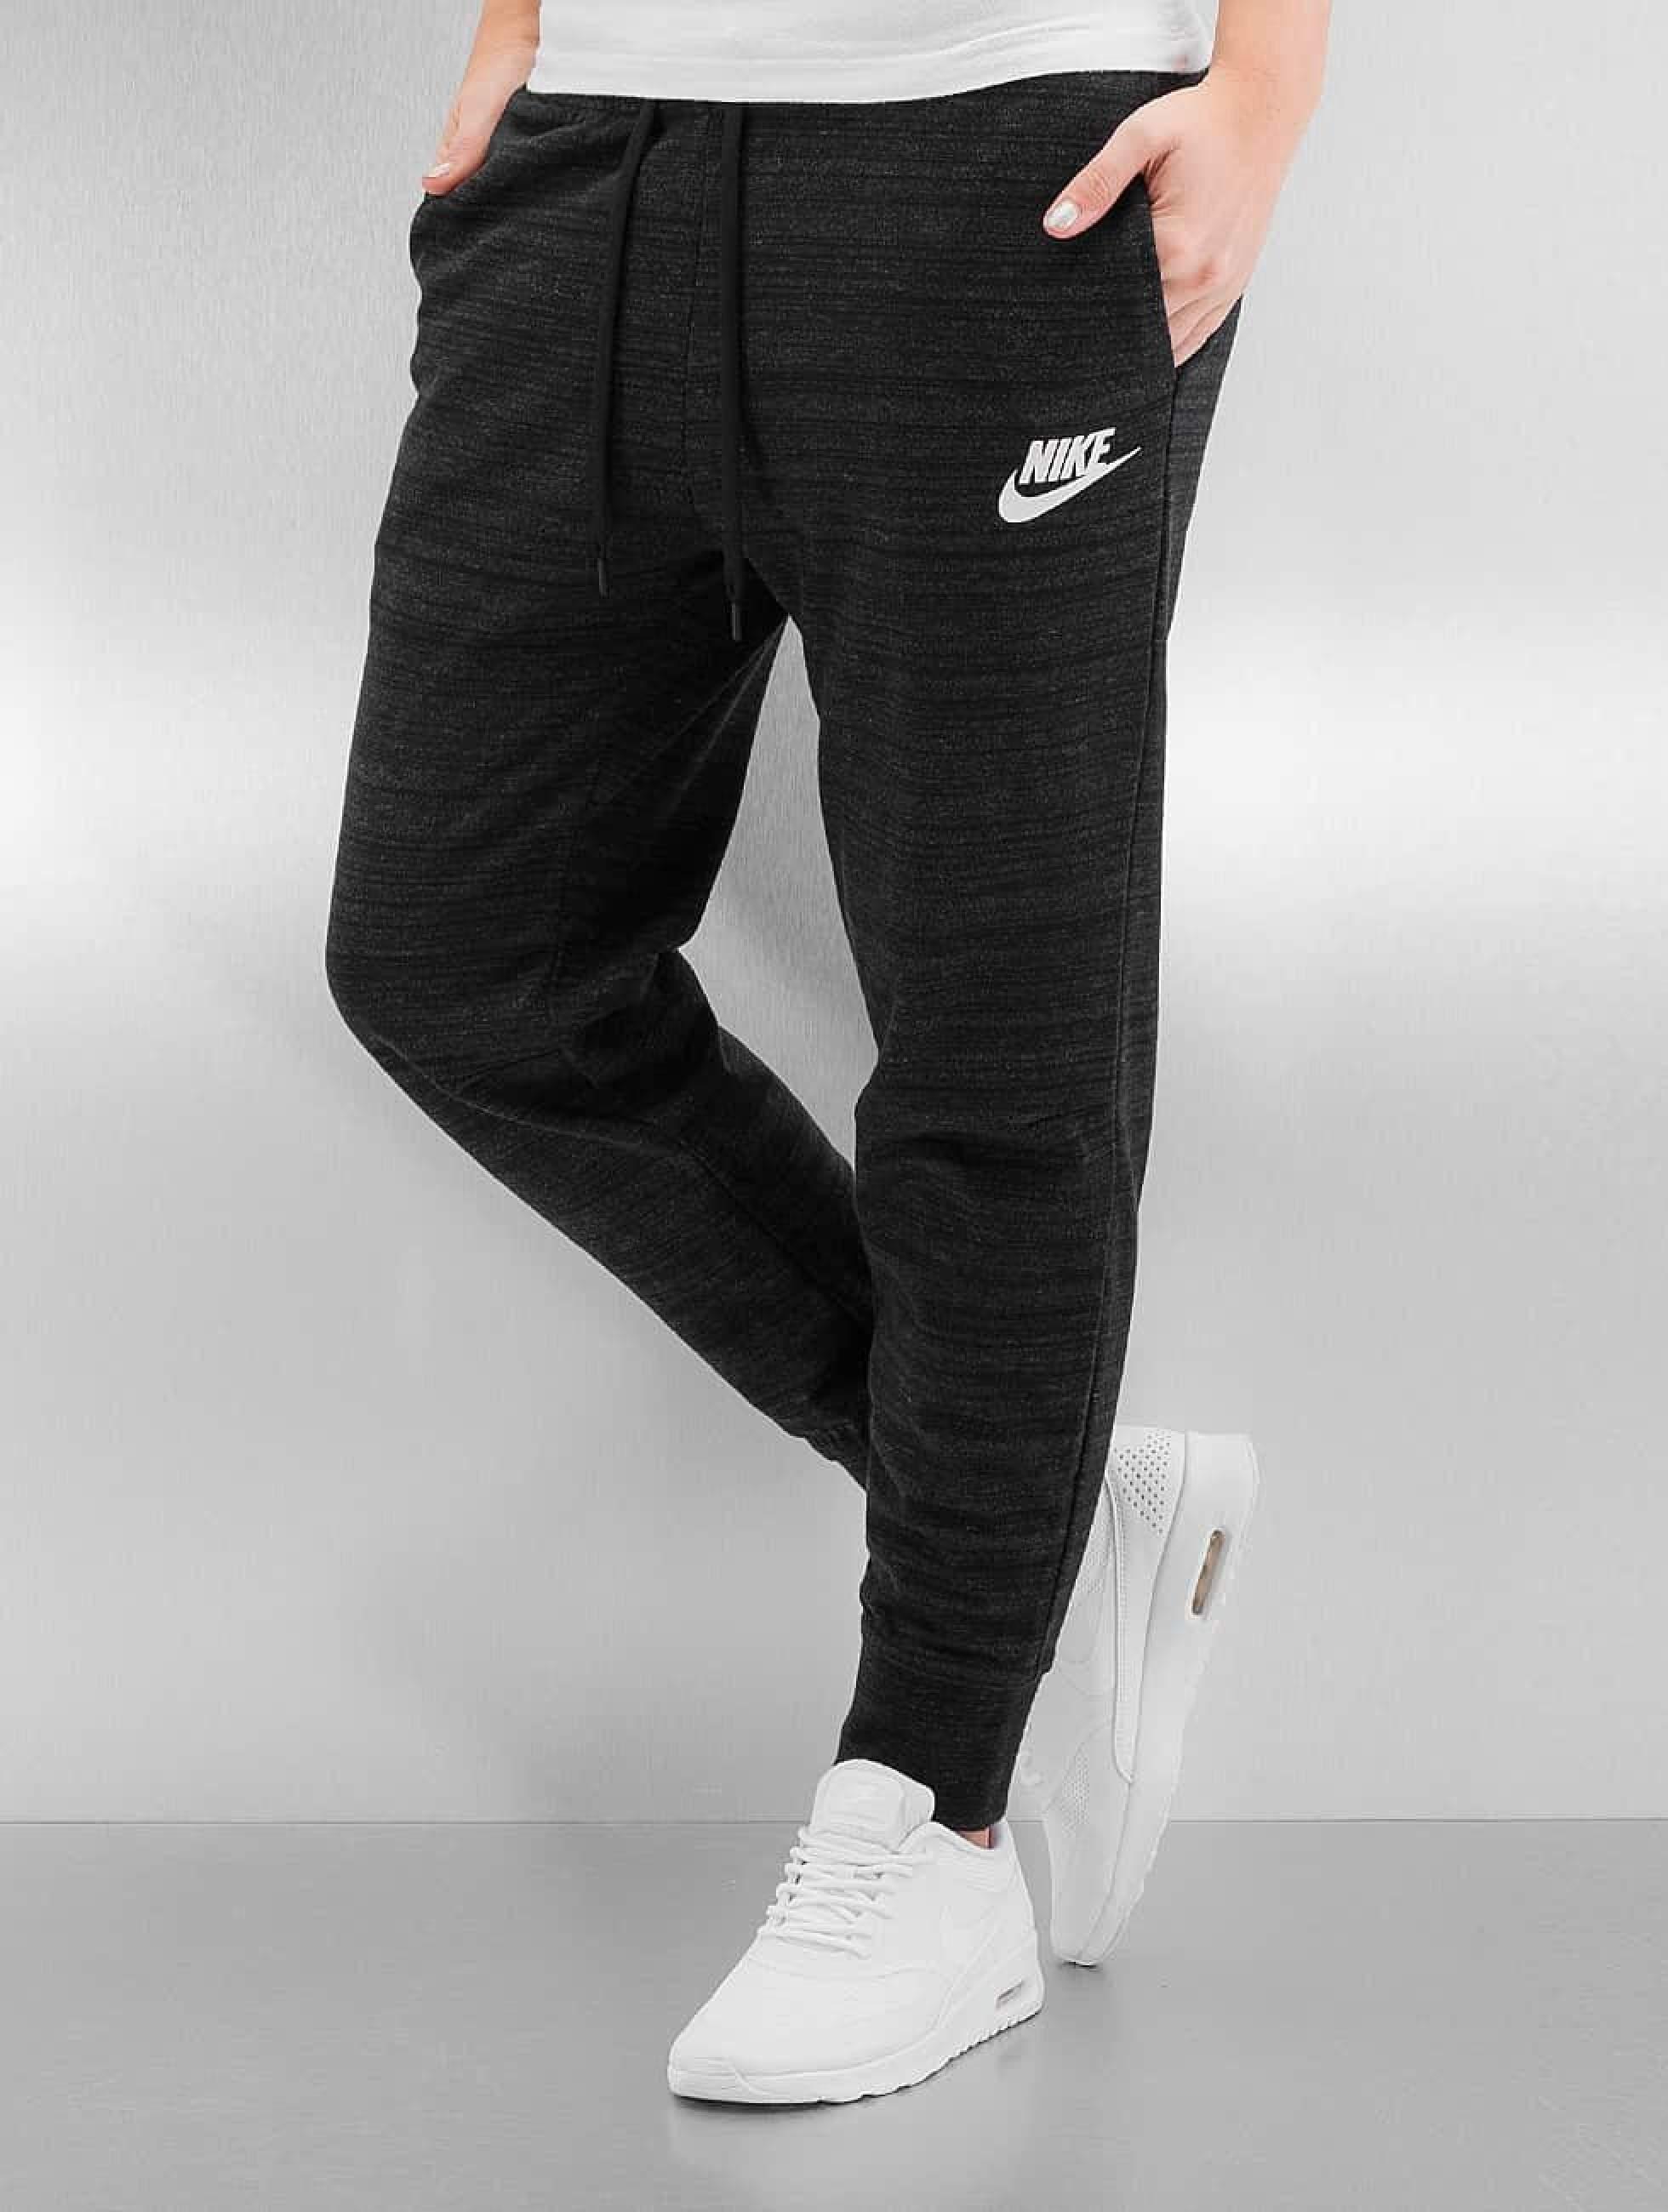 c66921e119e54 Nike Damen Jogginghose W NSW AV15 in schwarz 295706